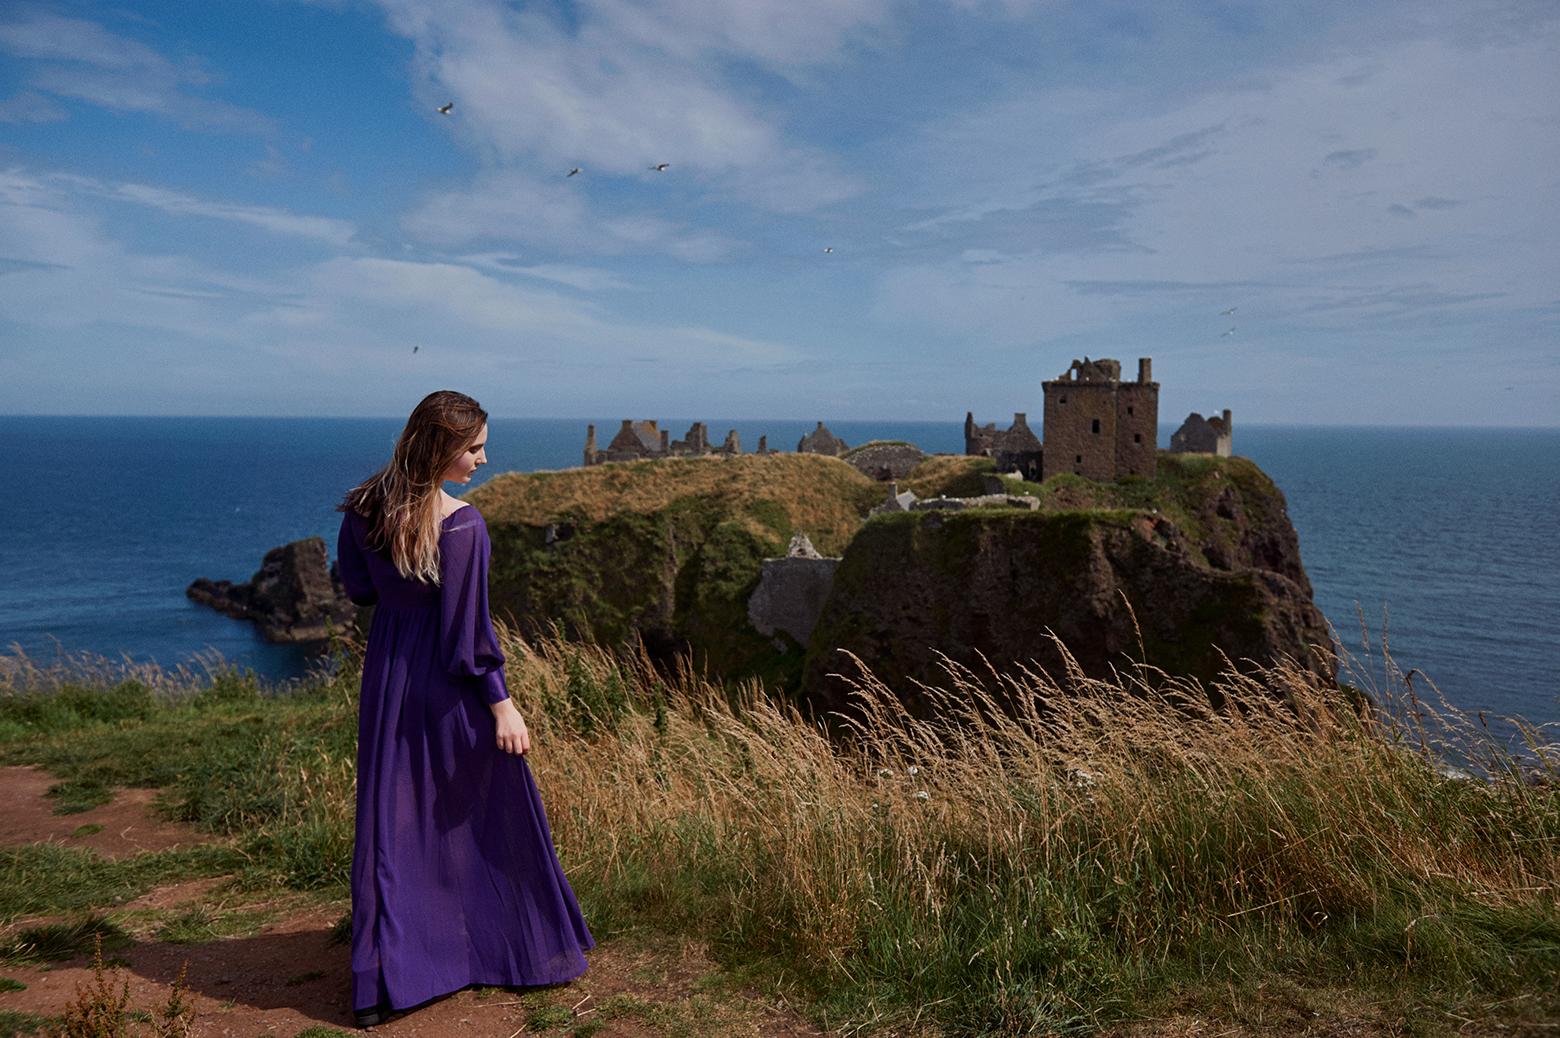 Portrait photography near Dunnottar Castle, near Aberdeen.